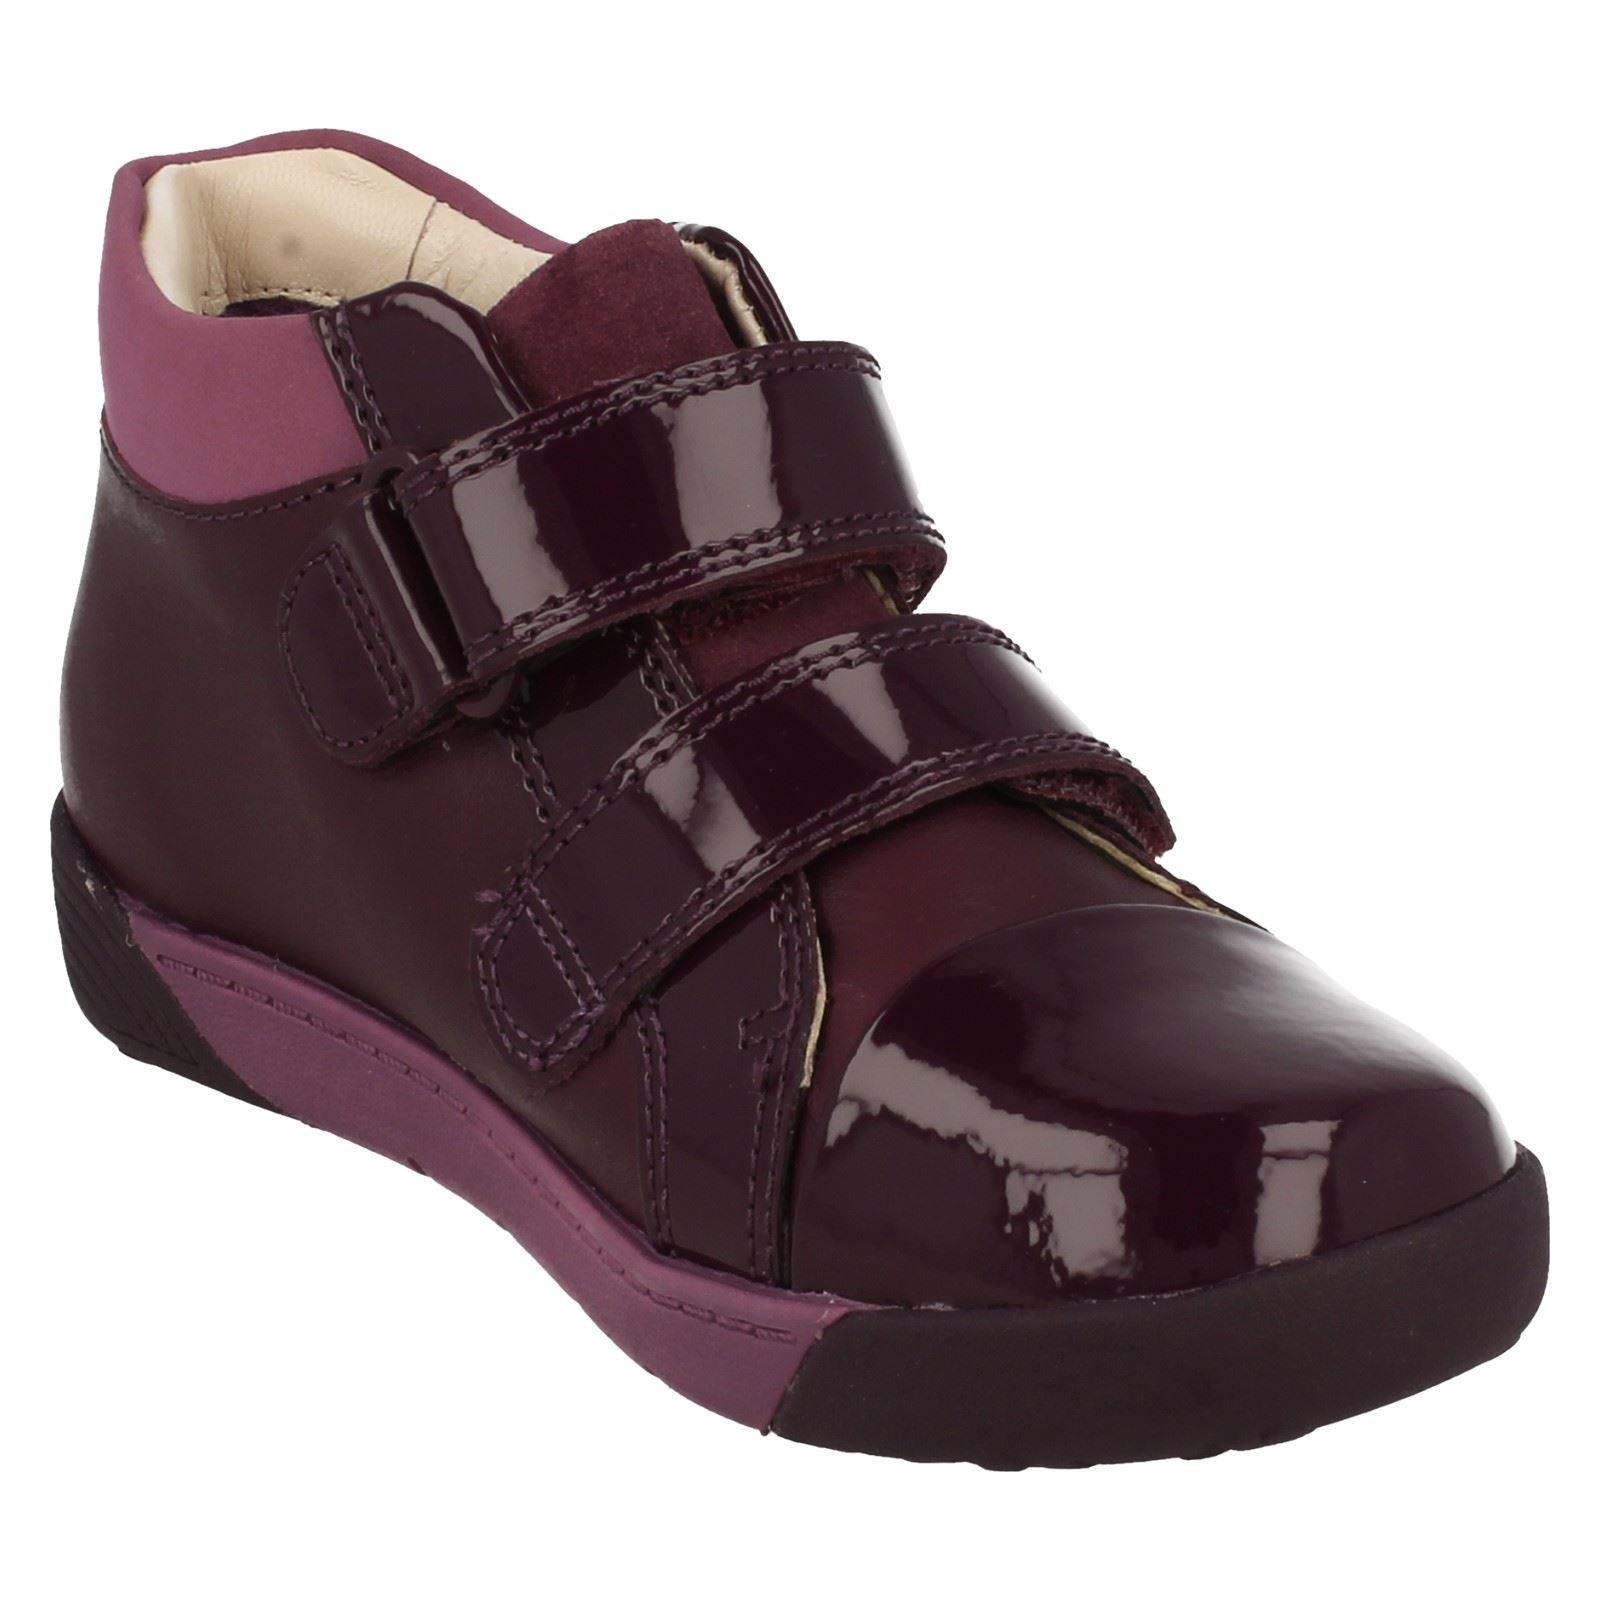 Crocs Mujer 201817 Botas Gris Size: 37 EU Extremadamente venta en línea Sneakernews Moda barata en línea La mejor tienda para obtener q637wBf